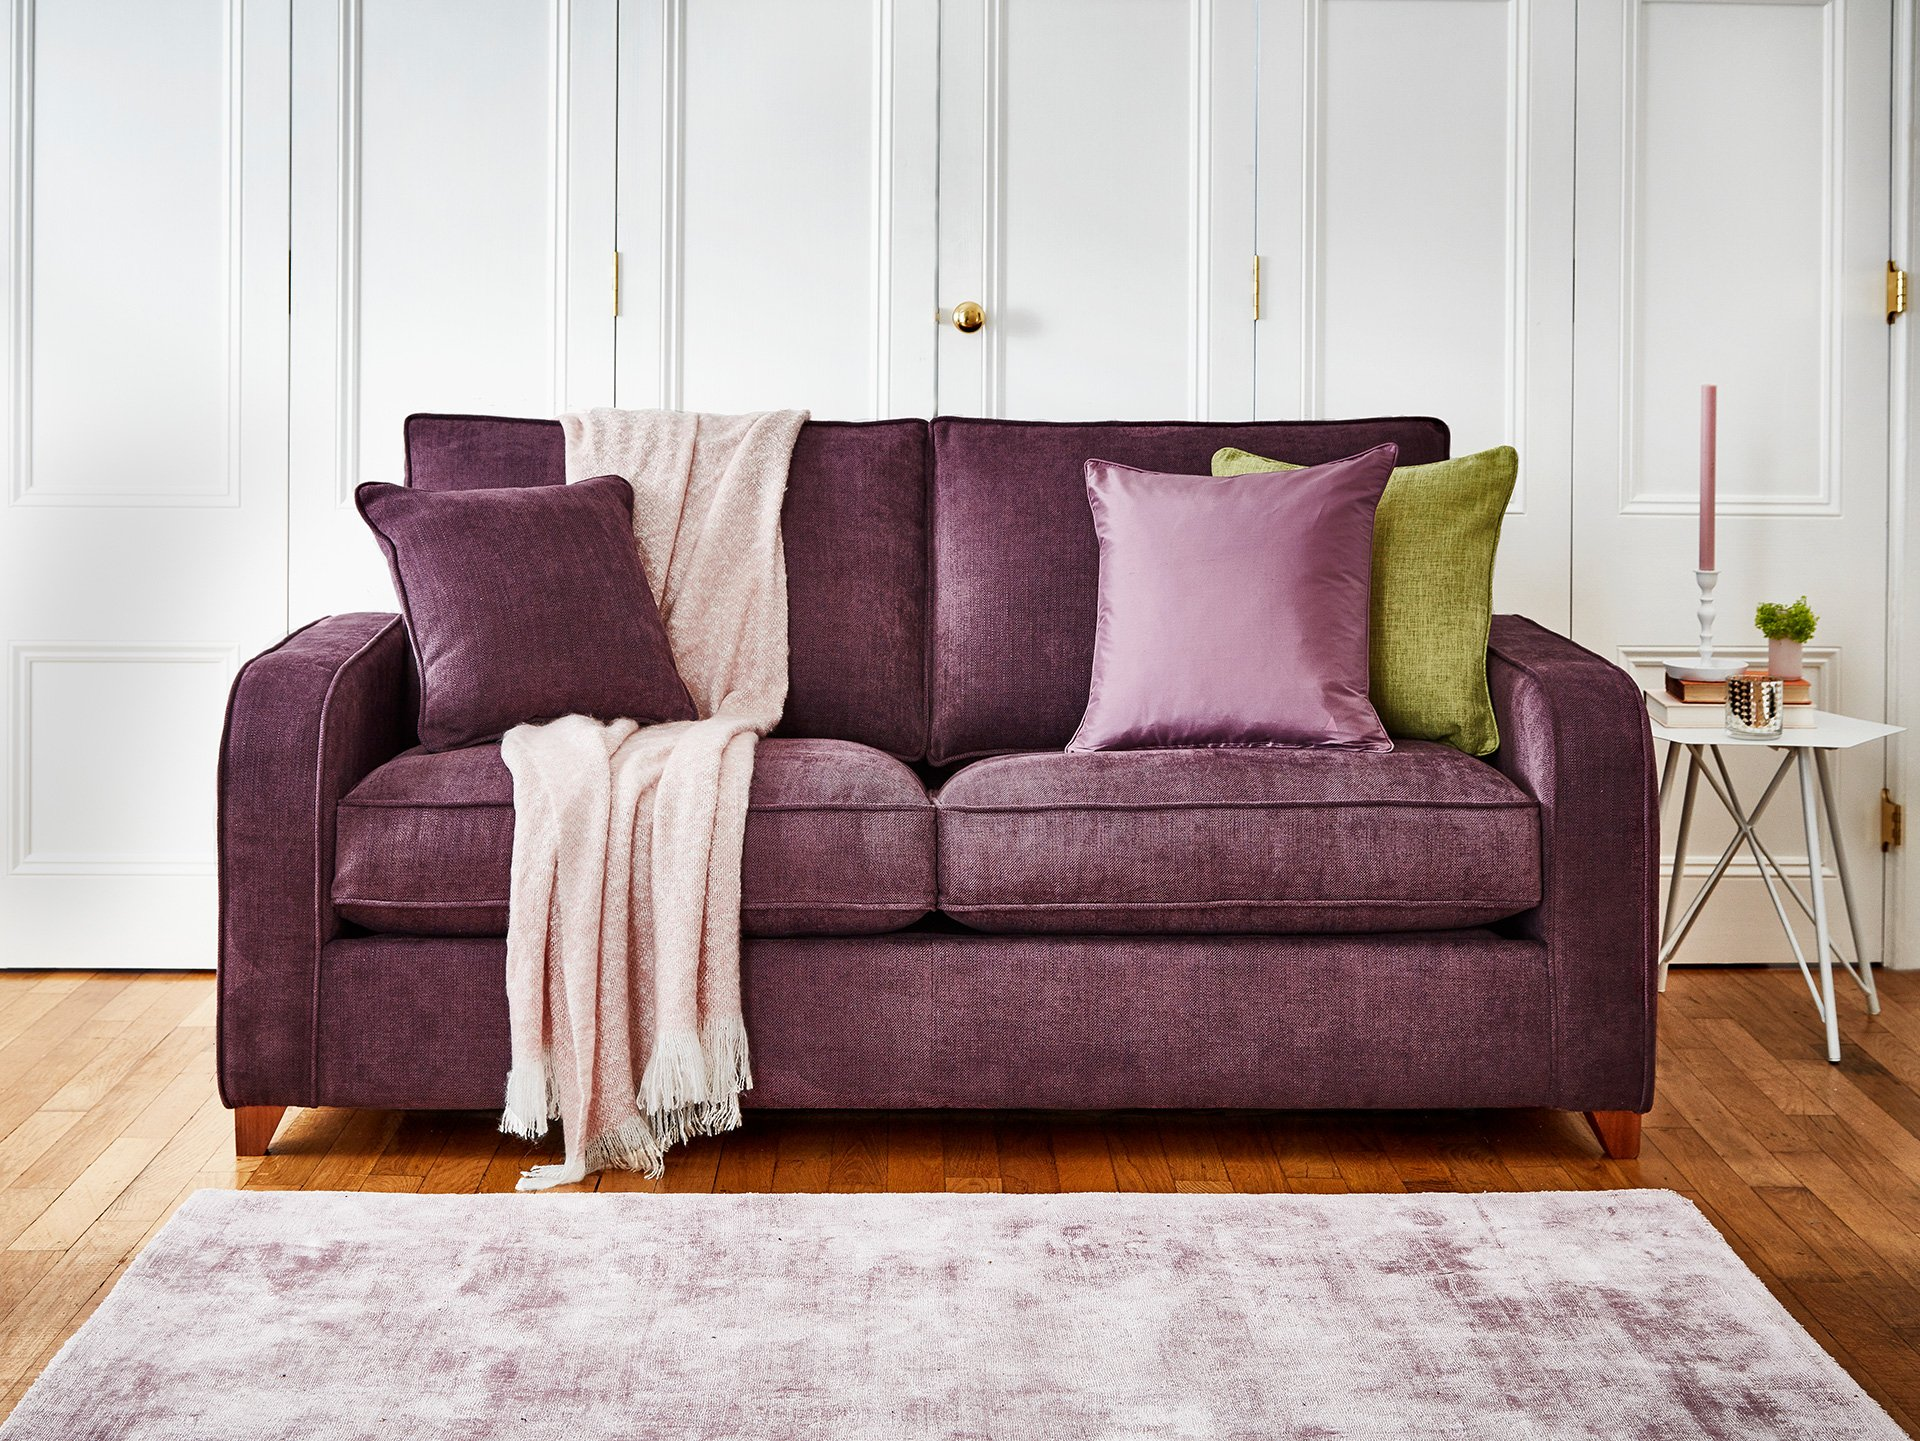 Как сочетать фиолетовый диван в интерьере разных стилей (23 фото)